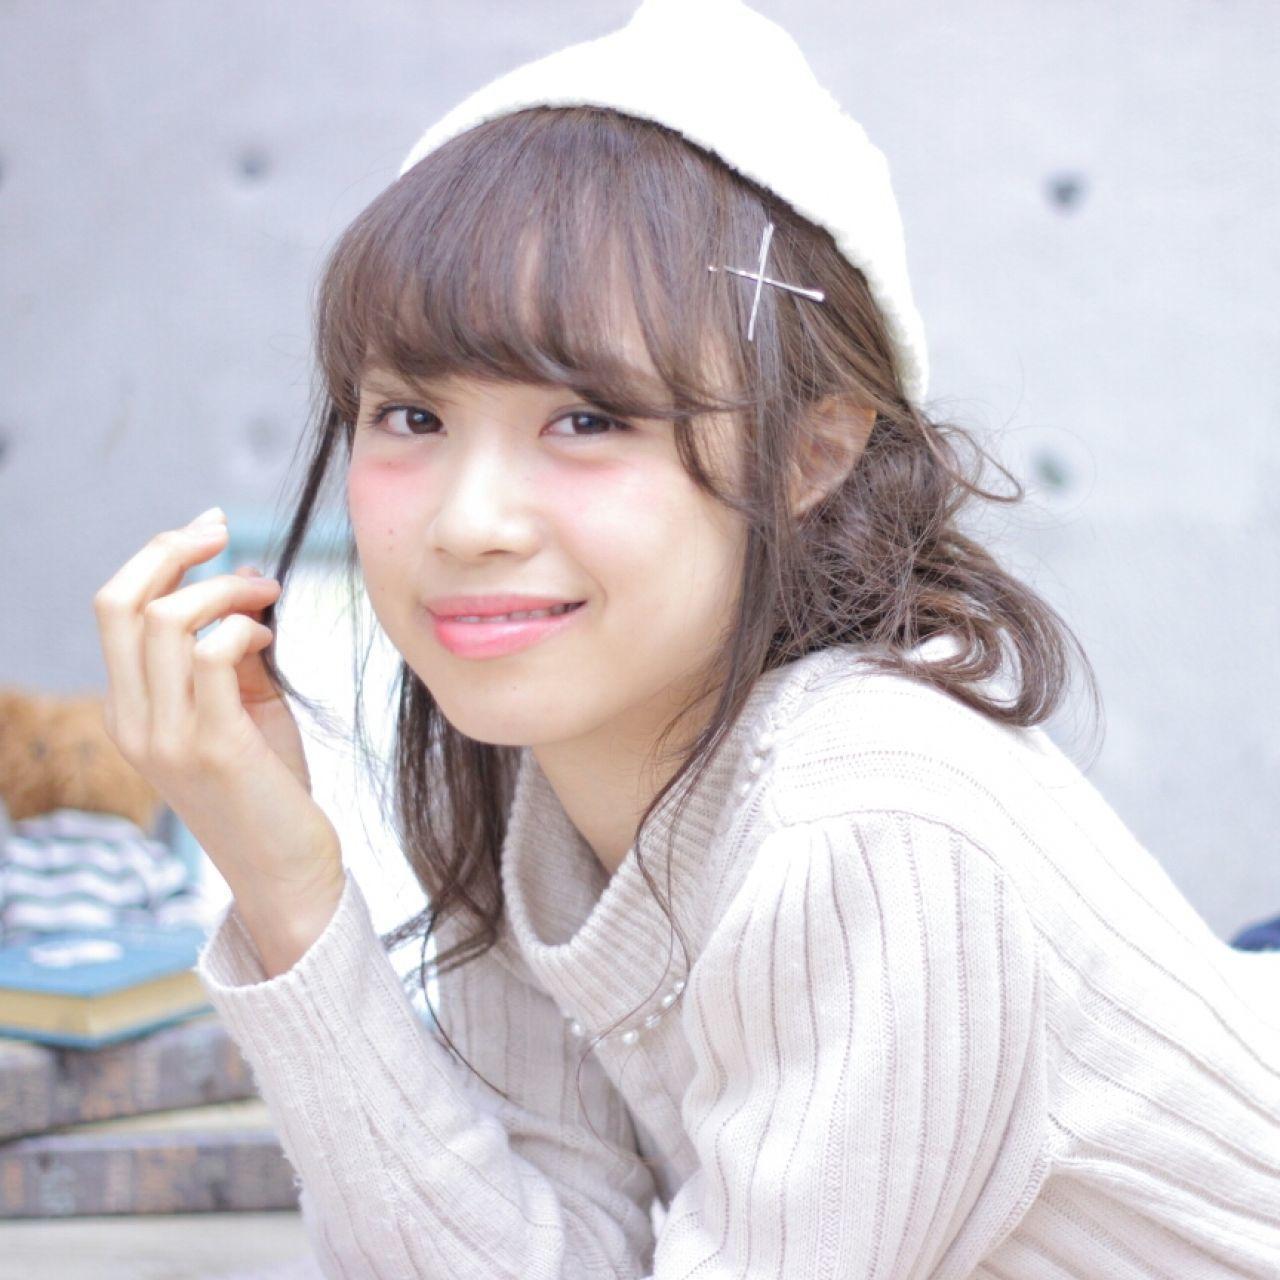 【ニット帽の髪型特集】おしゃれでかわいいヘアアレンジをマスター♡の15枚目の画像